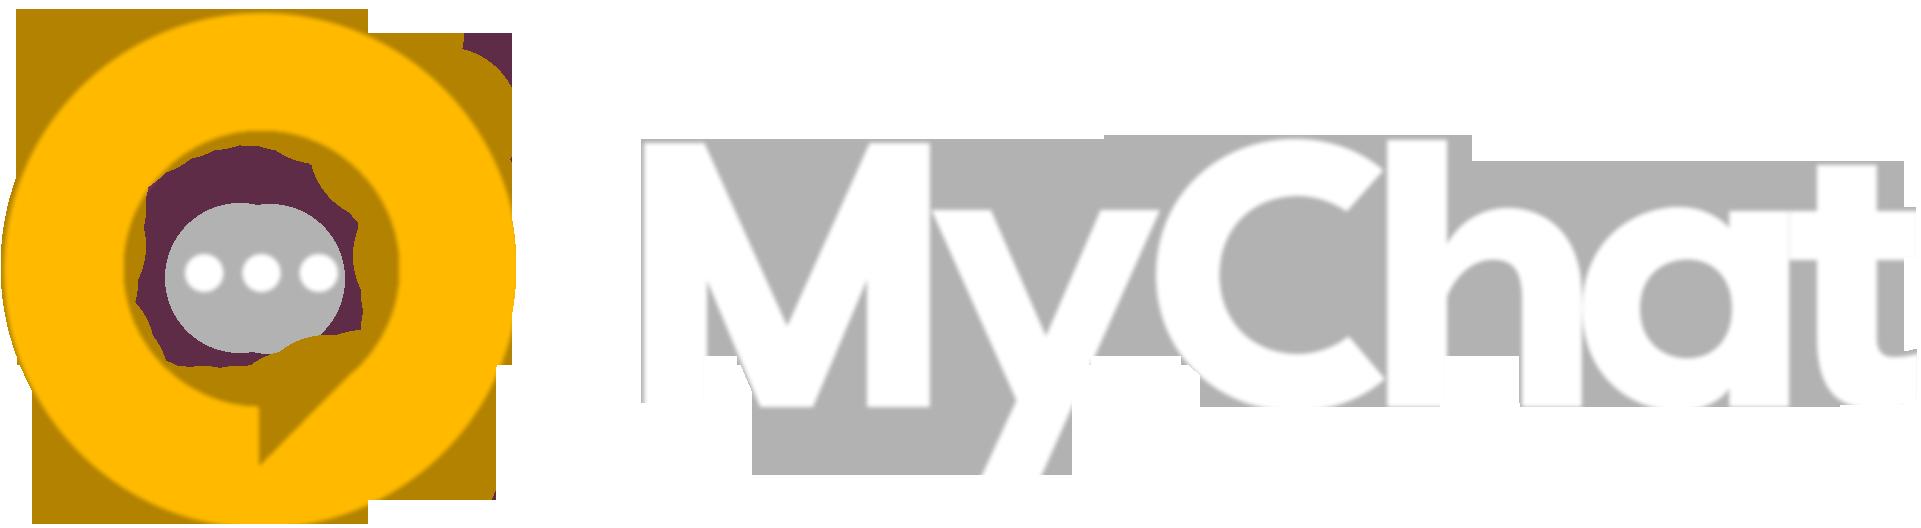 MyChat Brasil Logo